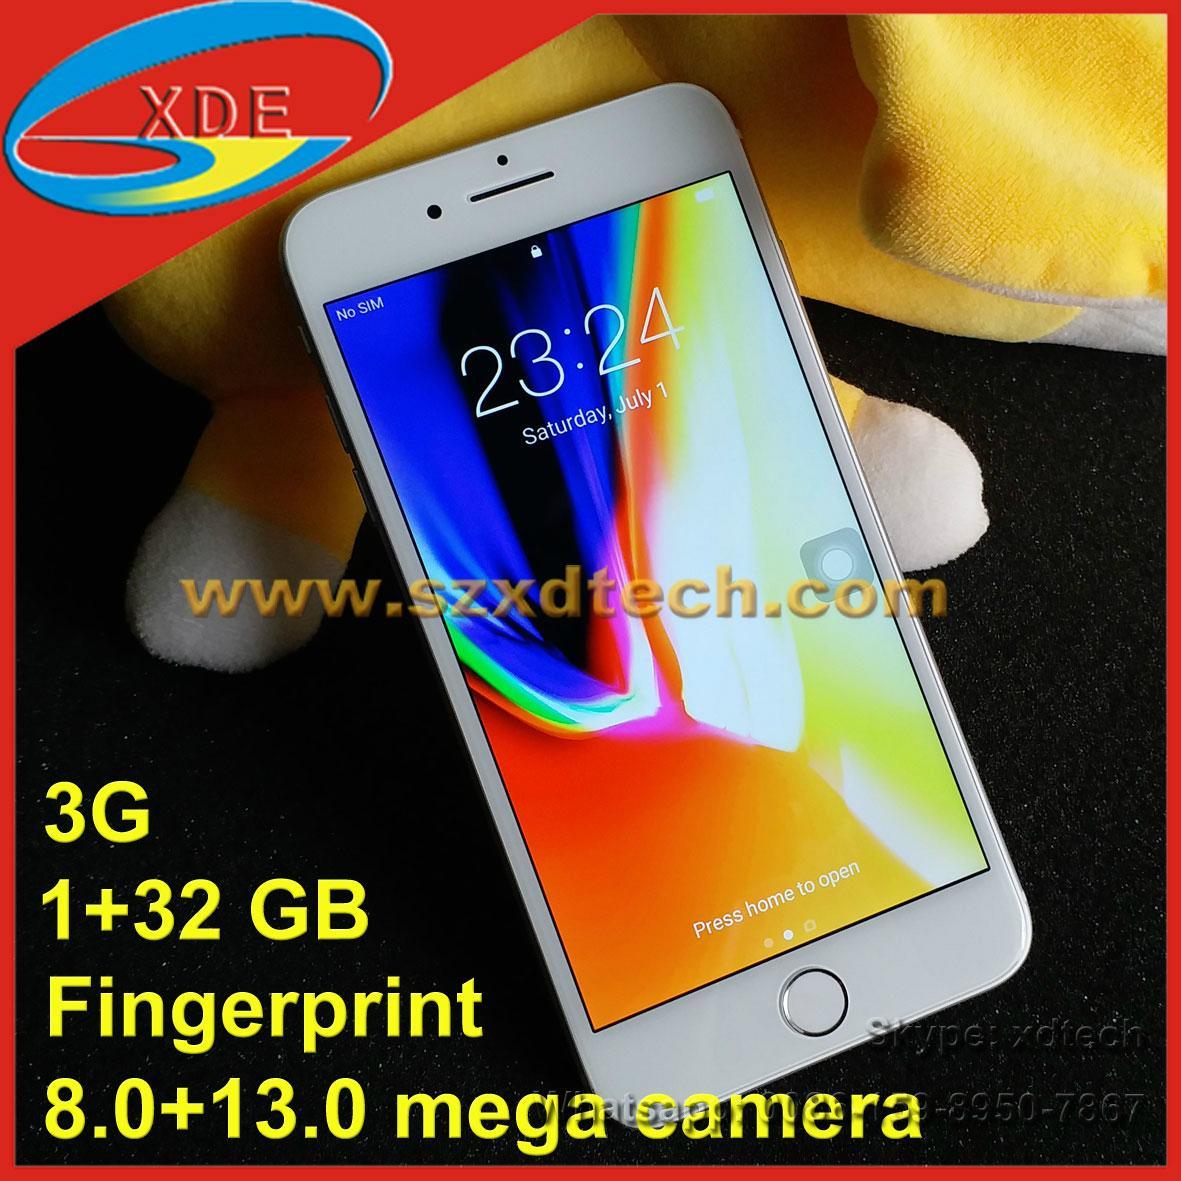 Replica iPhone 8 Plus iPhone 8+ Clone 5 5 Inch Real